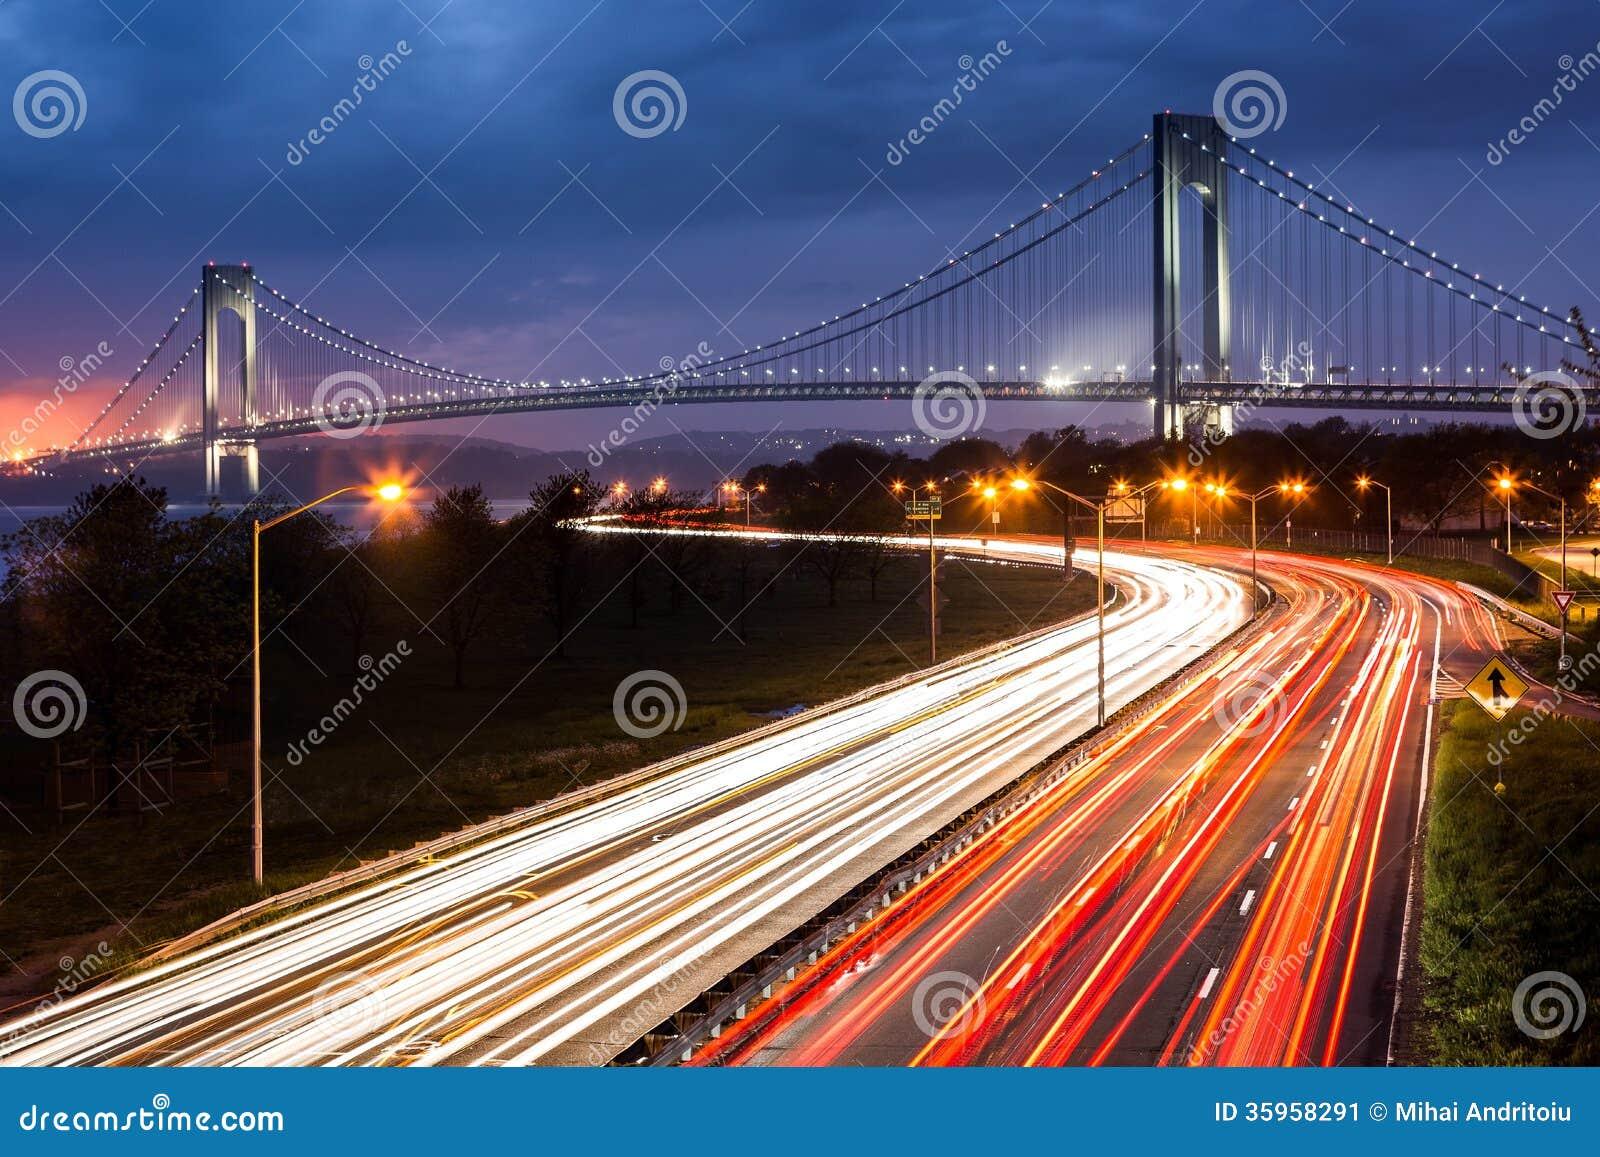 Puente de los estrechos de Verrazano sobre los rastros ligeros del tráfico de la ruta verde de la correa.